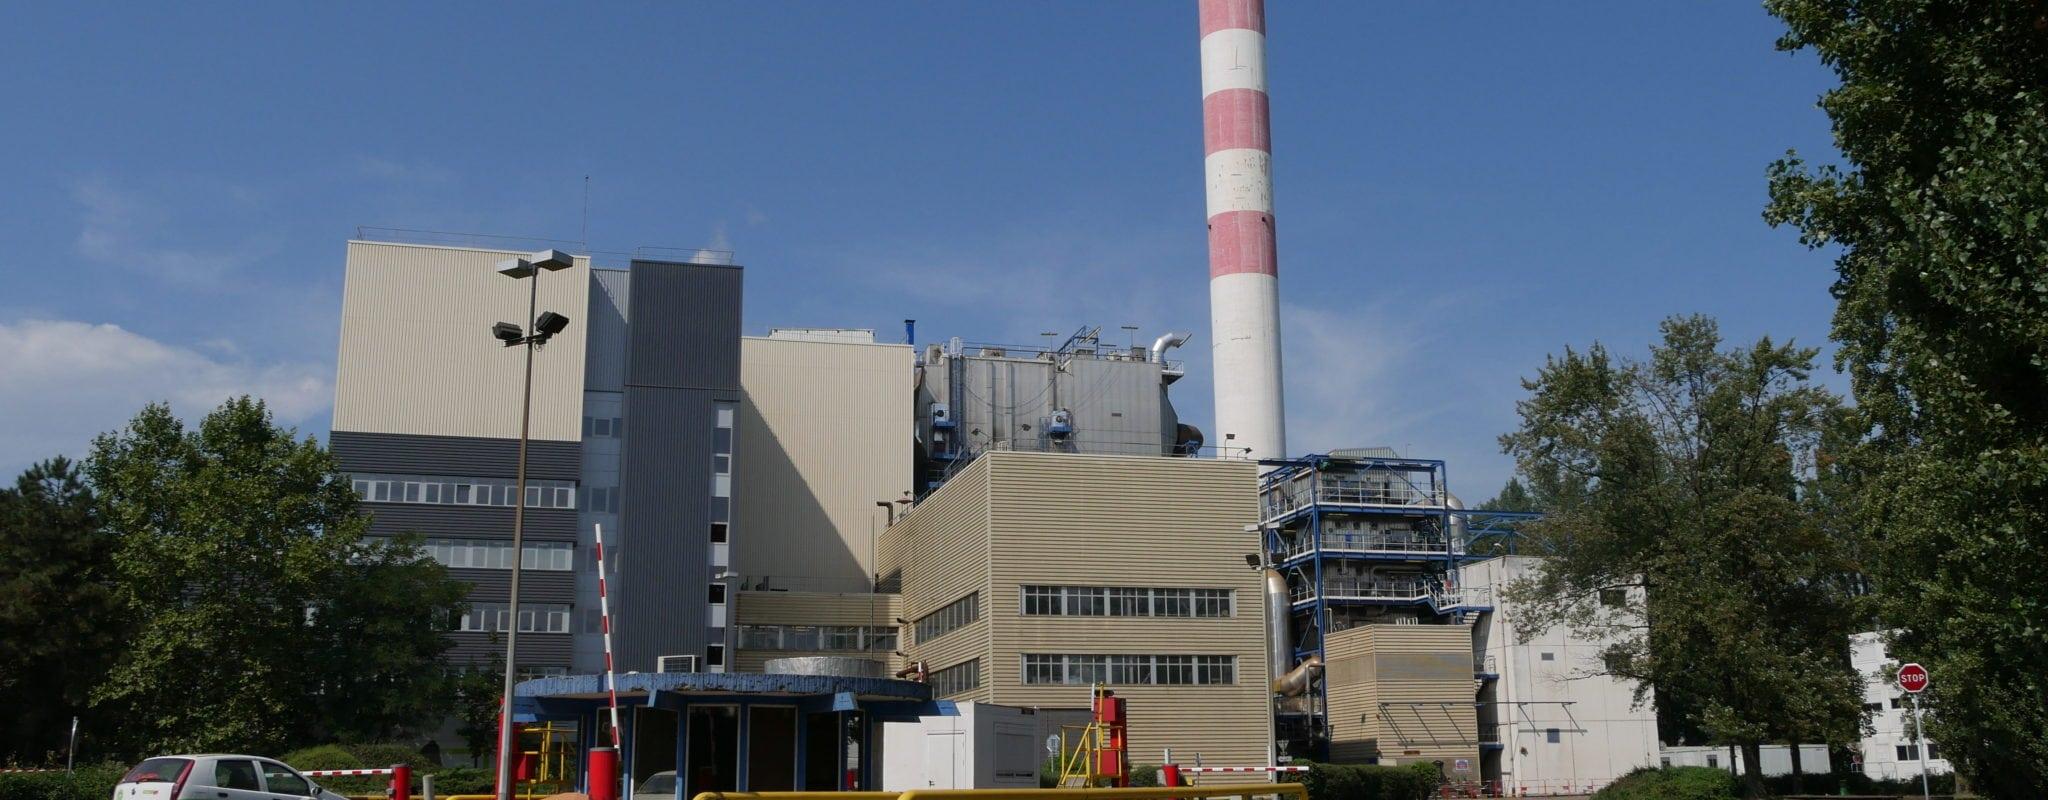 Comment deux usines d'incinération alsaciennes ont pu masquer leurs émissions polluantes